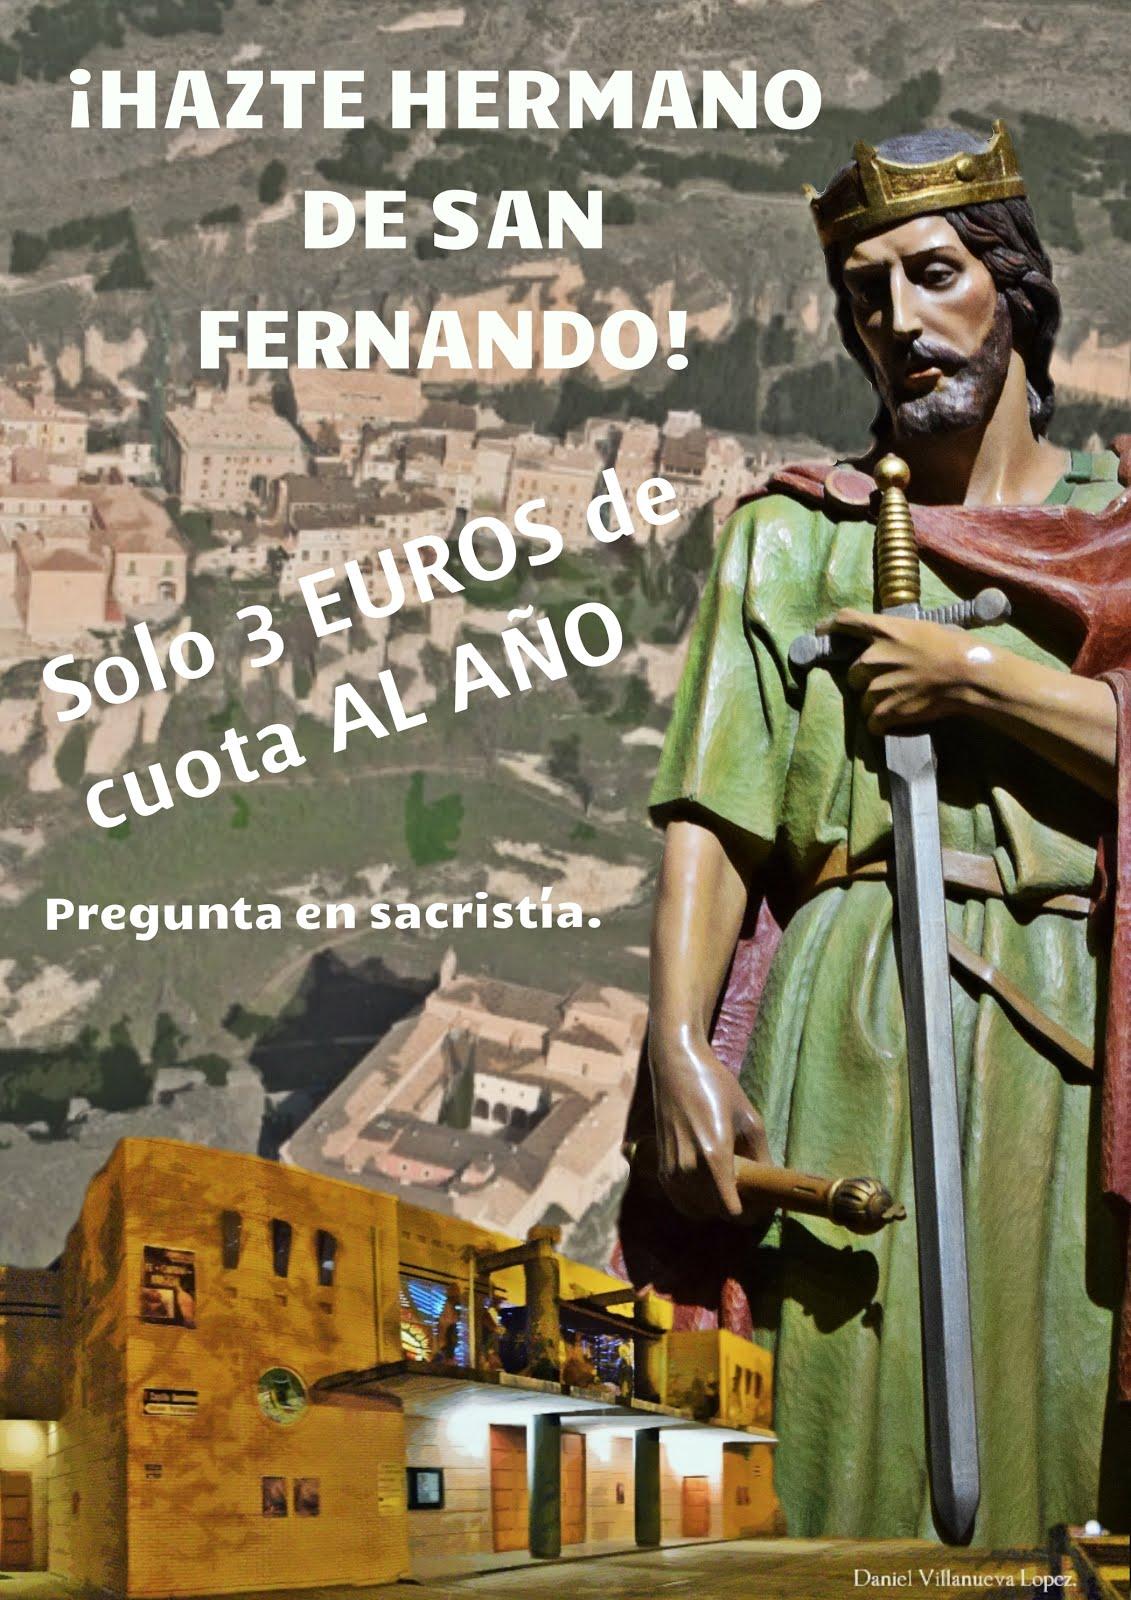 Hazte Hermano de San Fernando. 3 euros al año